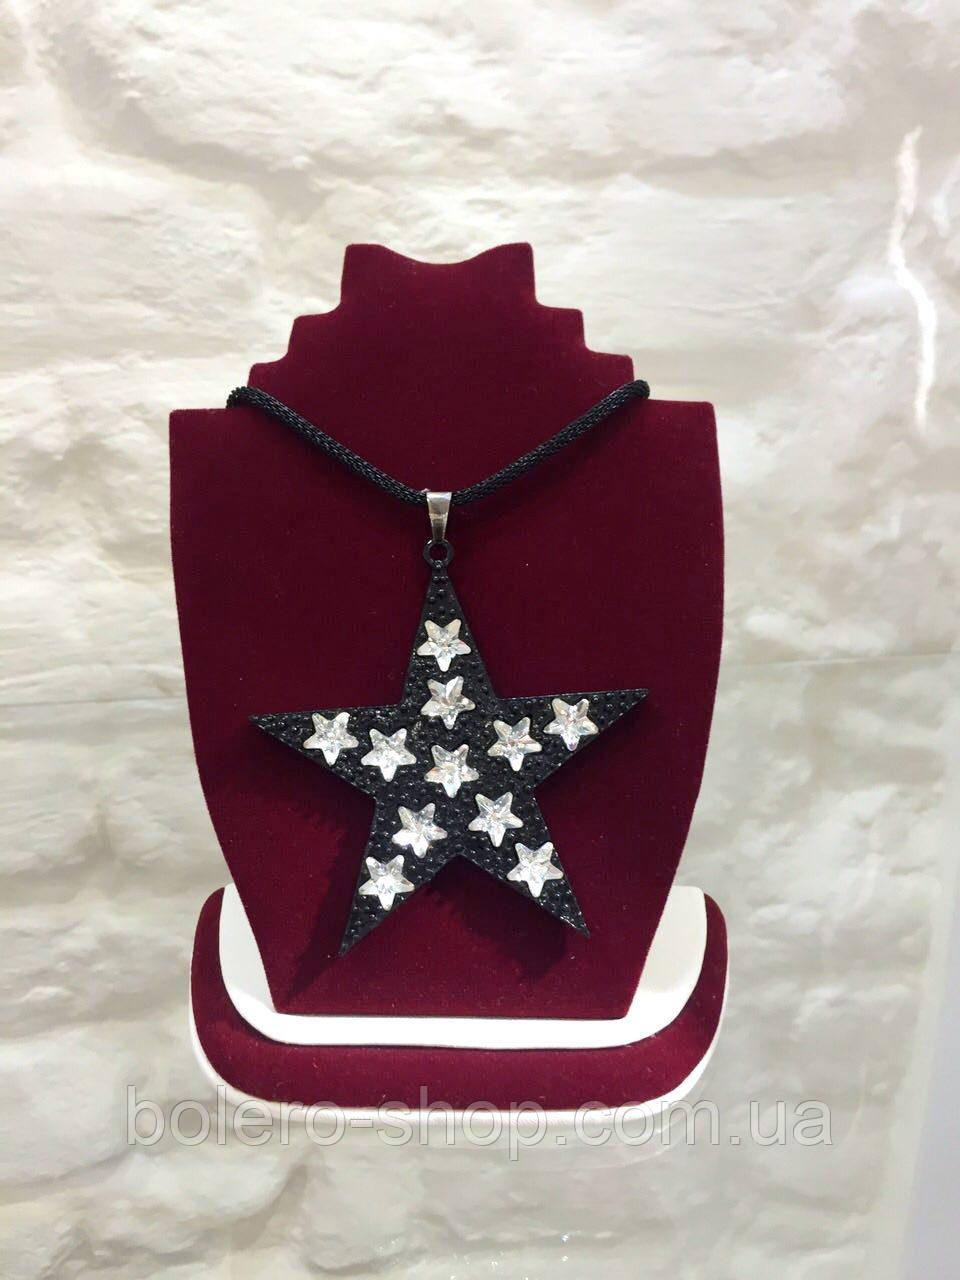 Брендовая женская бижутерия подвеска звезда большая